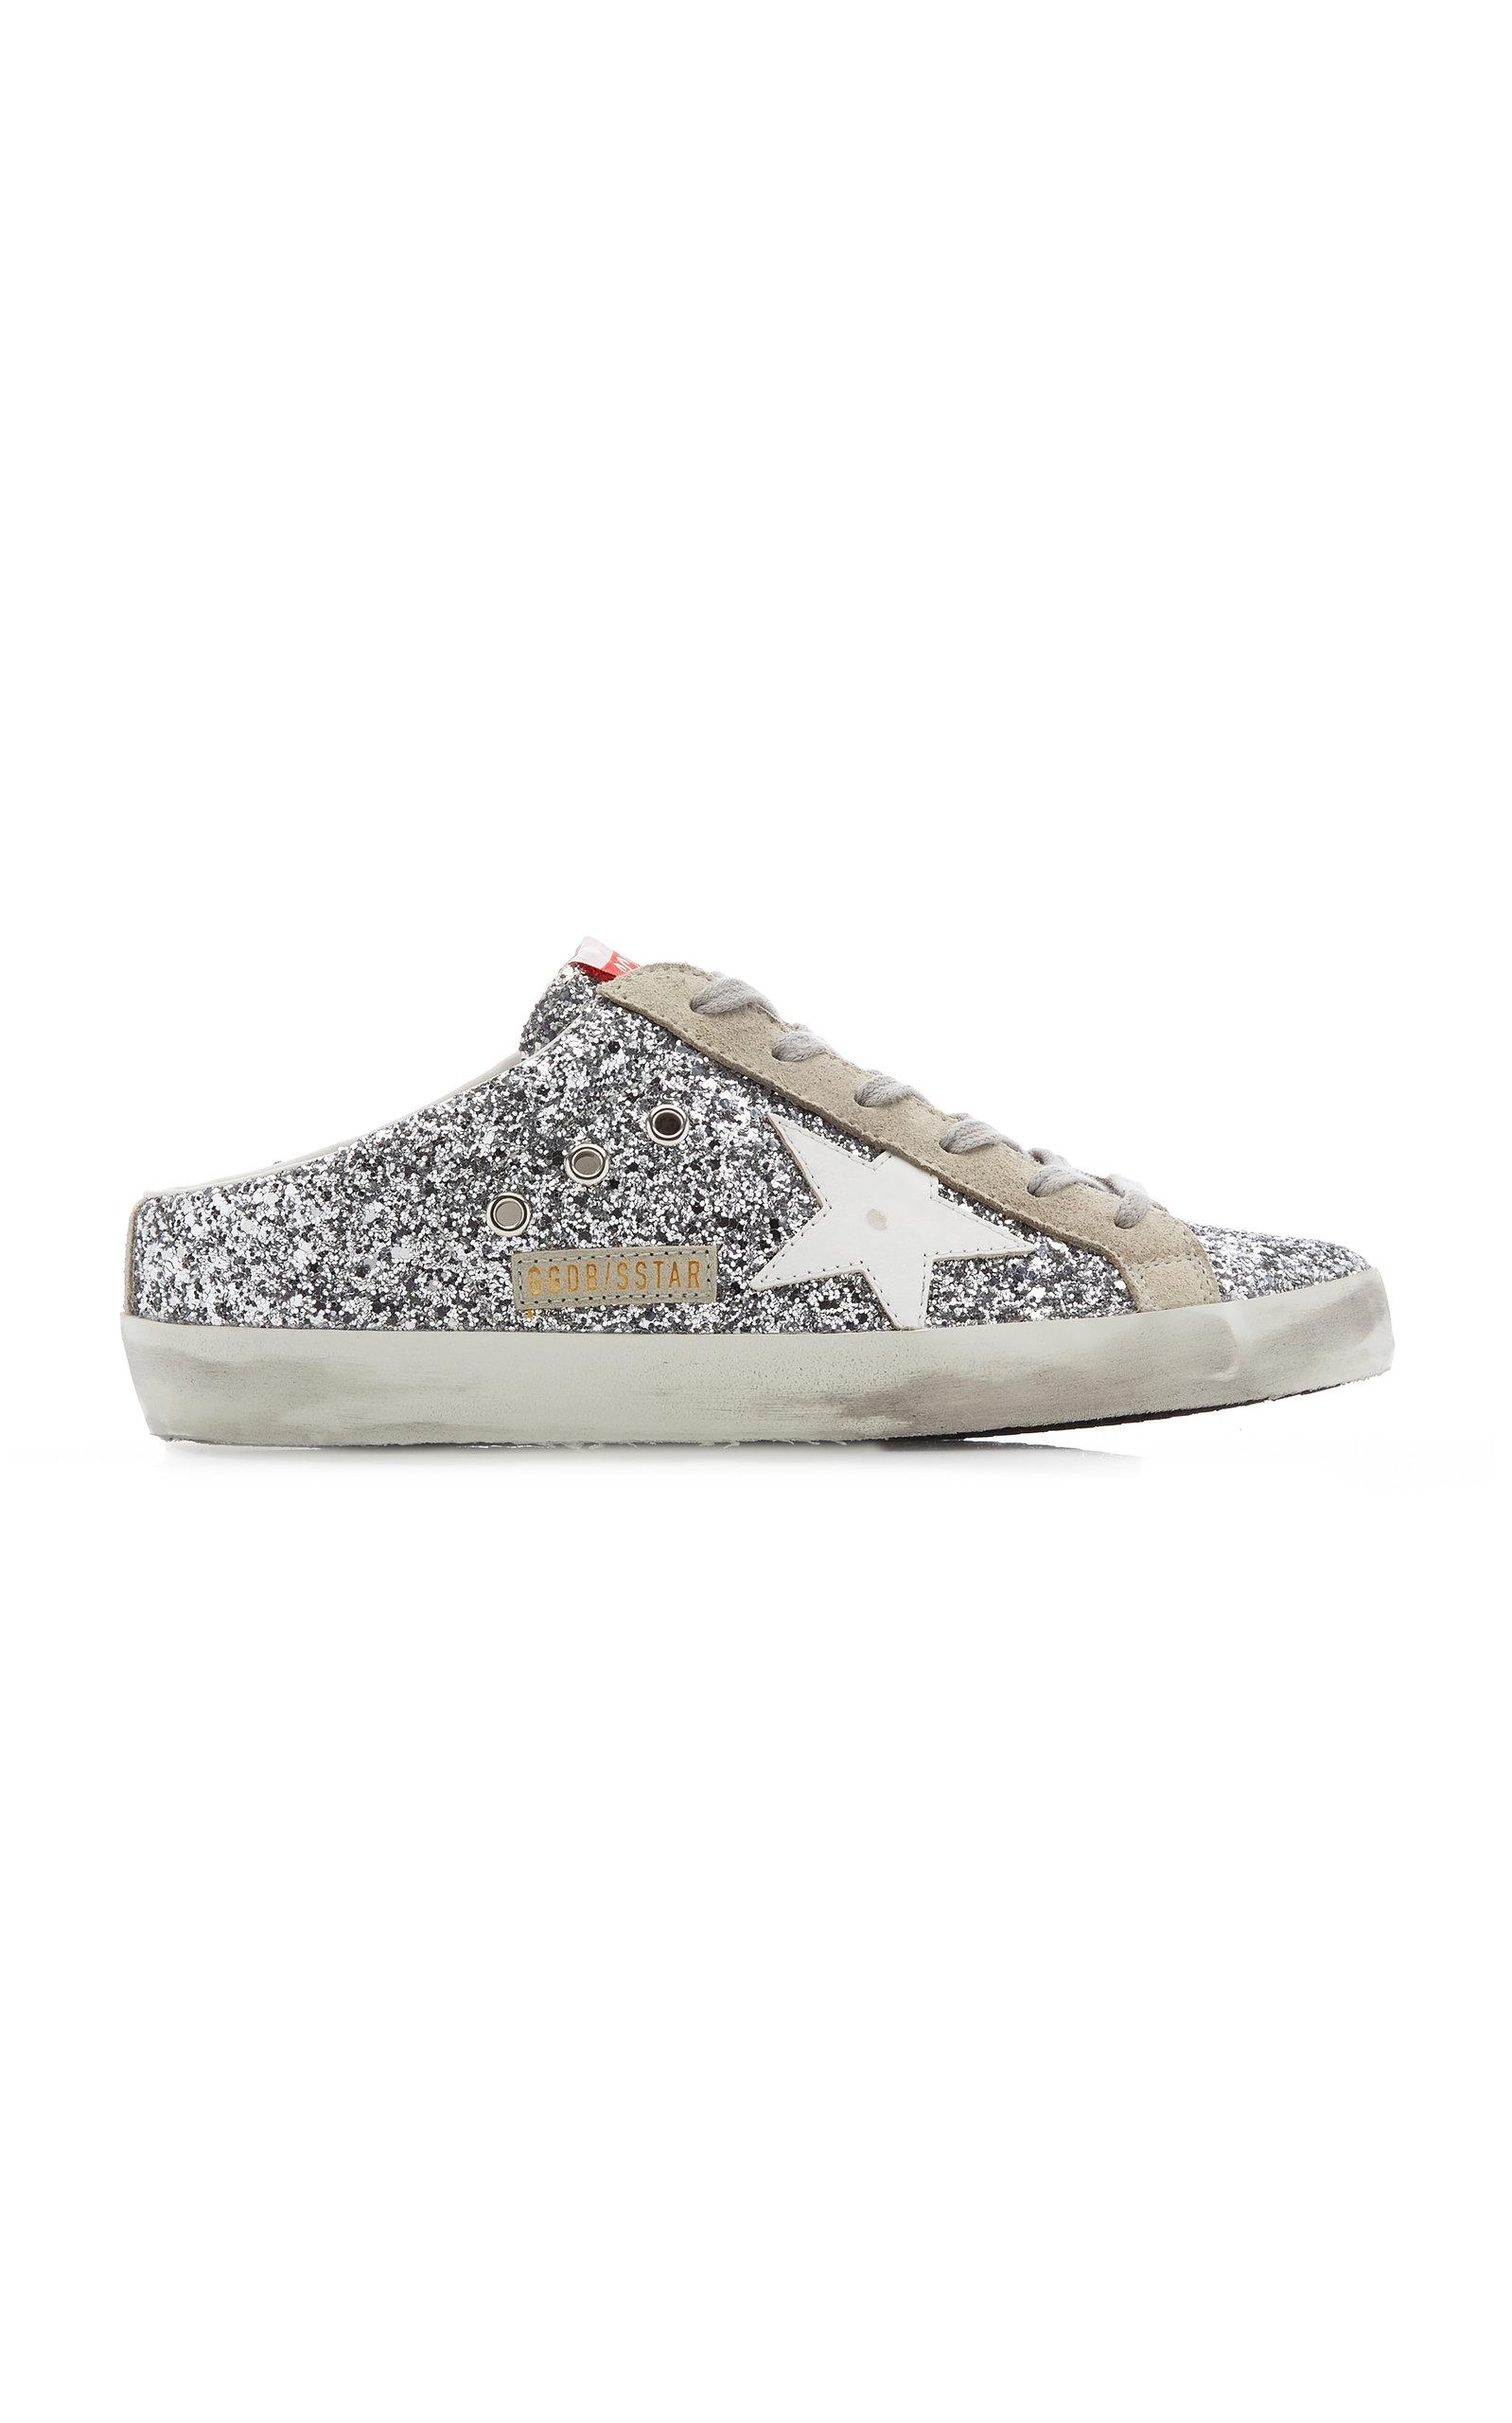 Golden Goose - Women's Superstar Sabot Glittered Leather Slip-On Sneakers - Silver - Moda Operandi